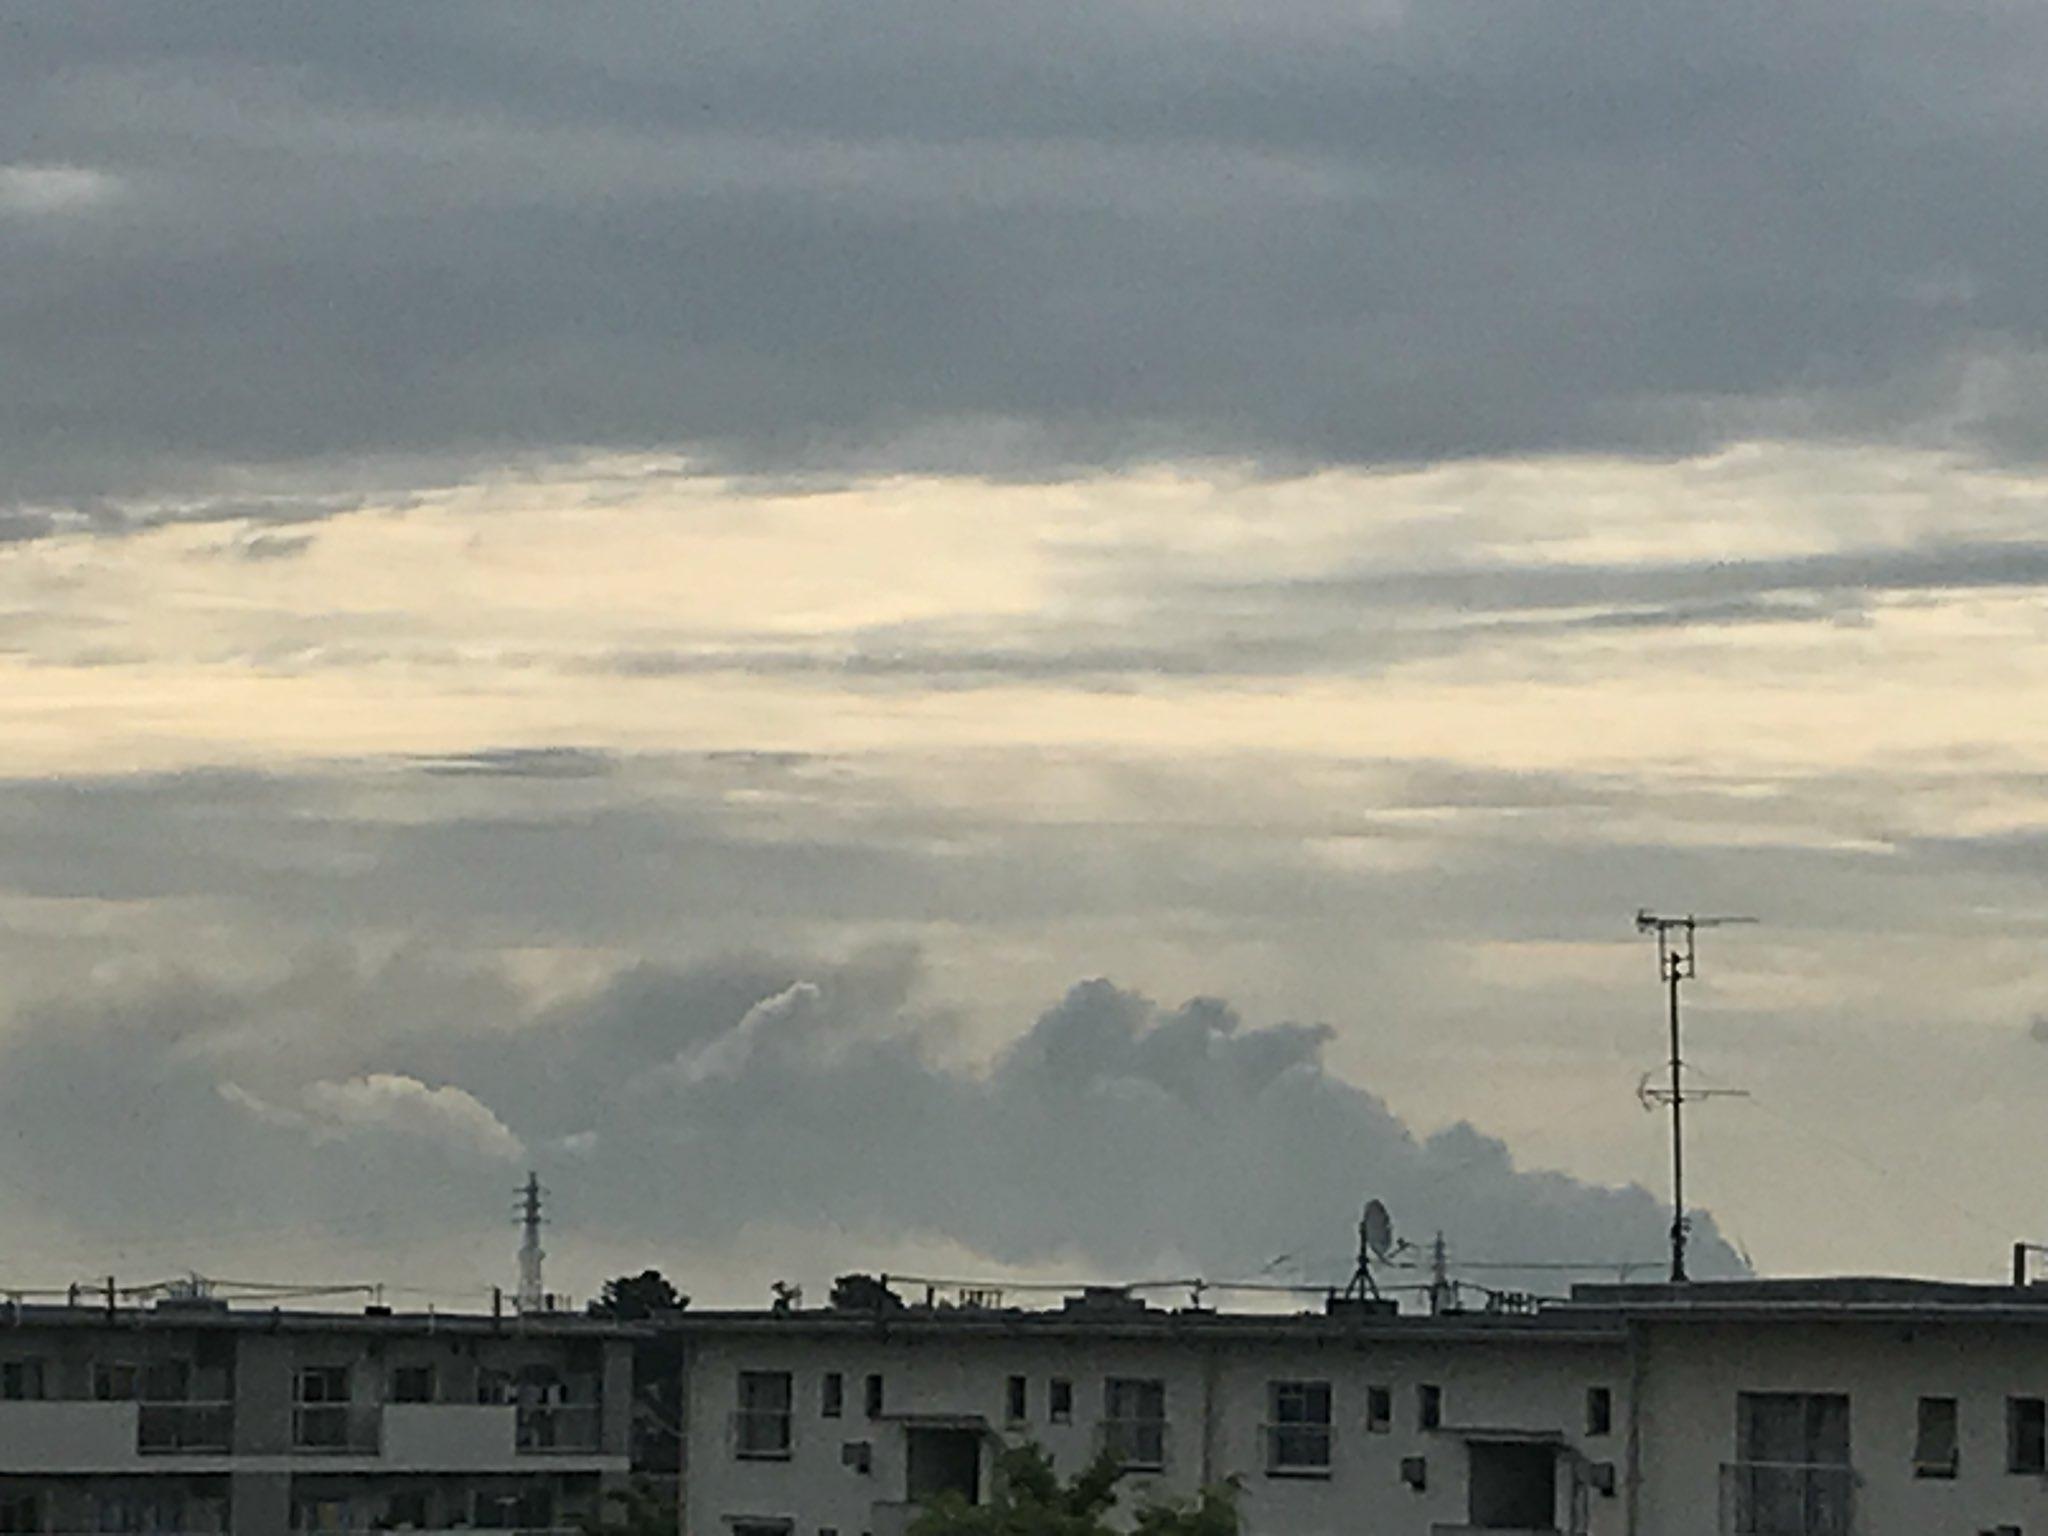 画像,調べてみたら茨城県常総市の産廃処理施設?で火事らしいしかし久喜からも見えるって相当デカい火事だな https://t.co/VIJRh3HdcH…